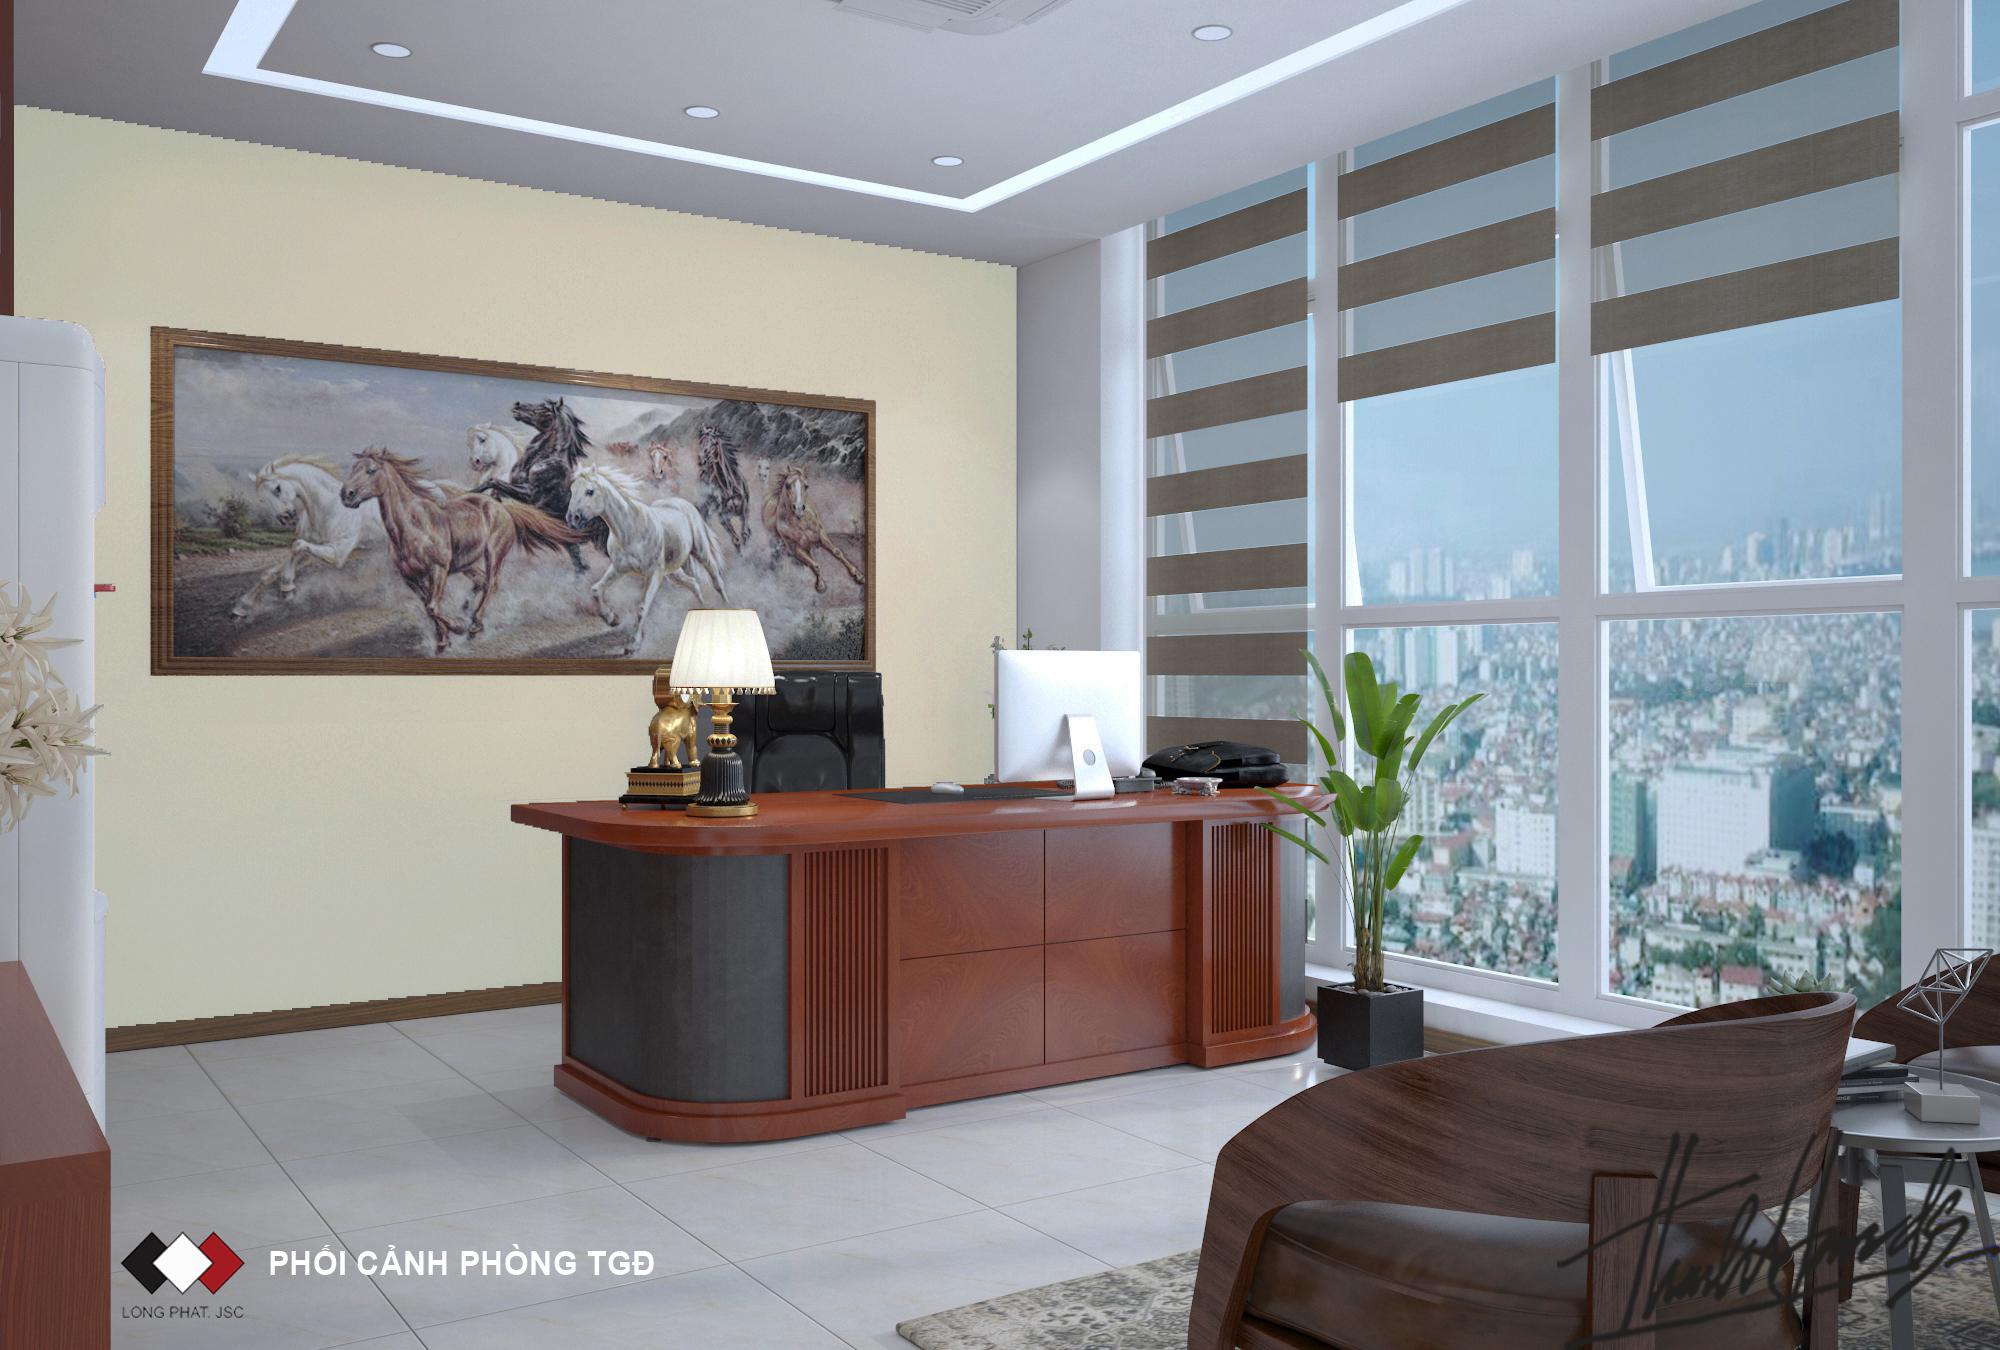 thiết kế nội thất Văn Phòng tại Hà Nội Văn phong SEIKO 22 1568274679